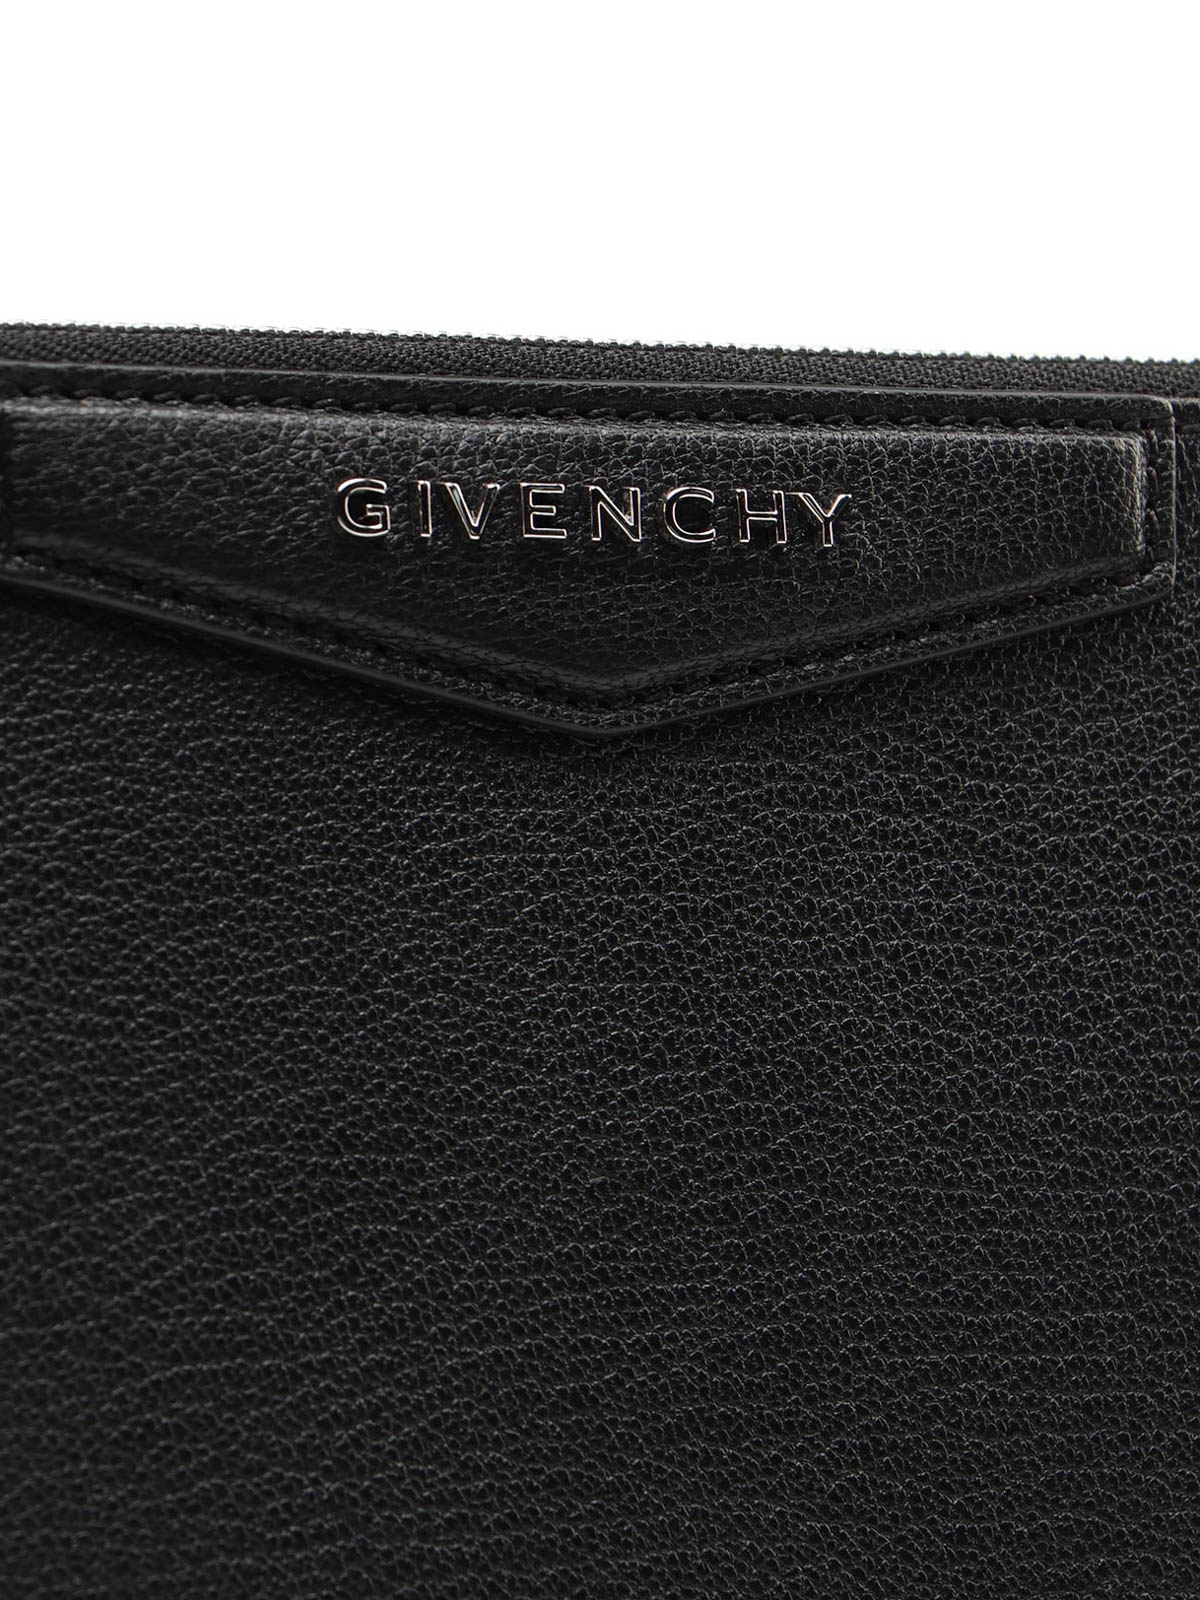 Givenchy Clutch Antigona in pelle fiore pochette